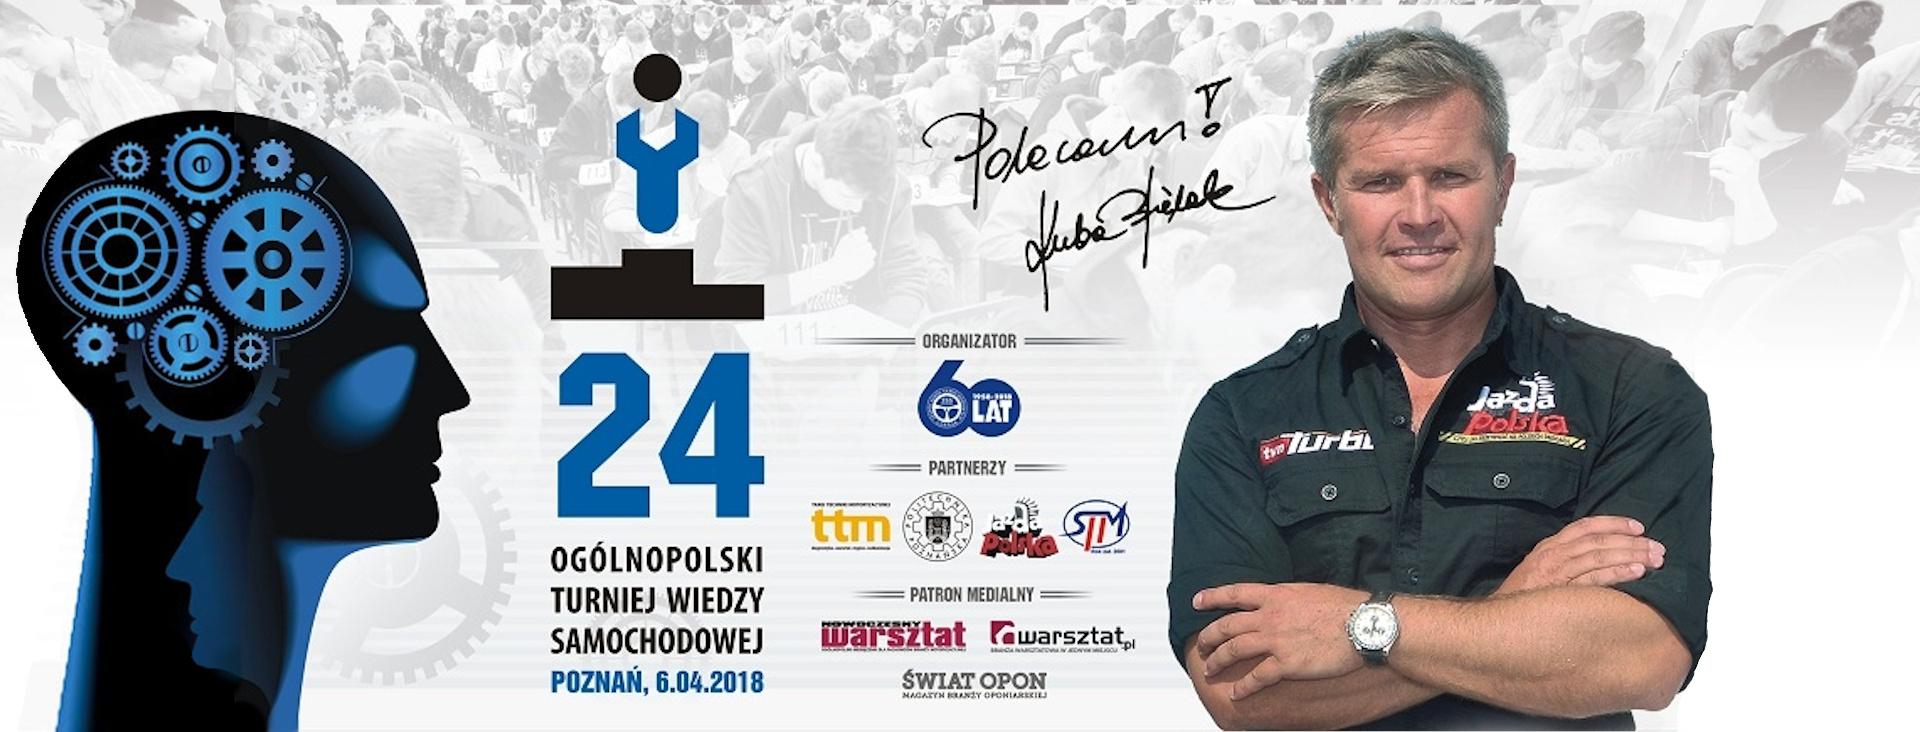 24 Ogólnopolski Turniej Wiedzy Samochodowej